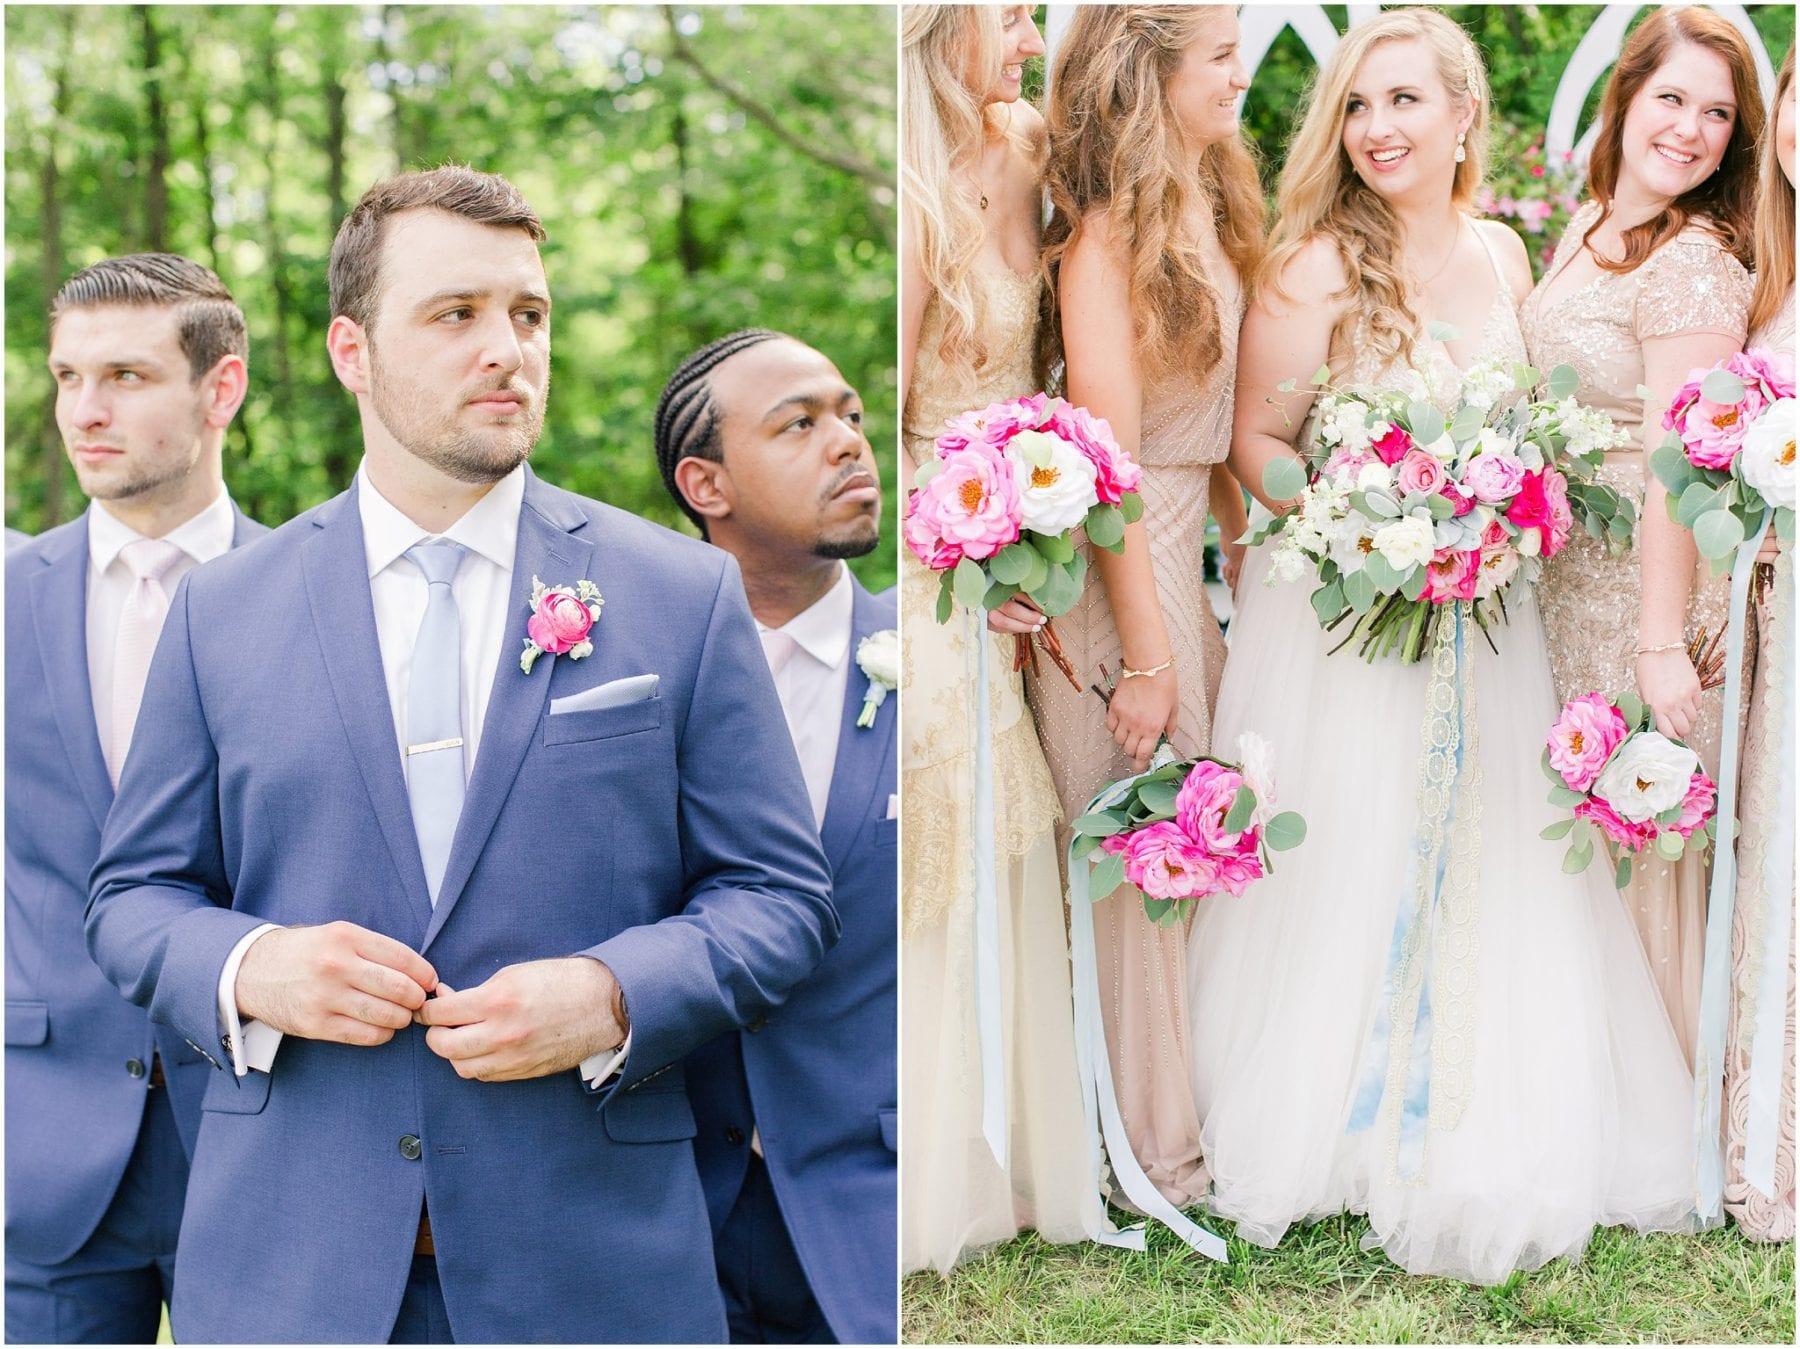 Maryland Backyard Wedding Photos Kelly & Zach Megan Kelsey Photography-168.jpg